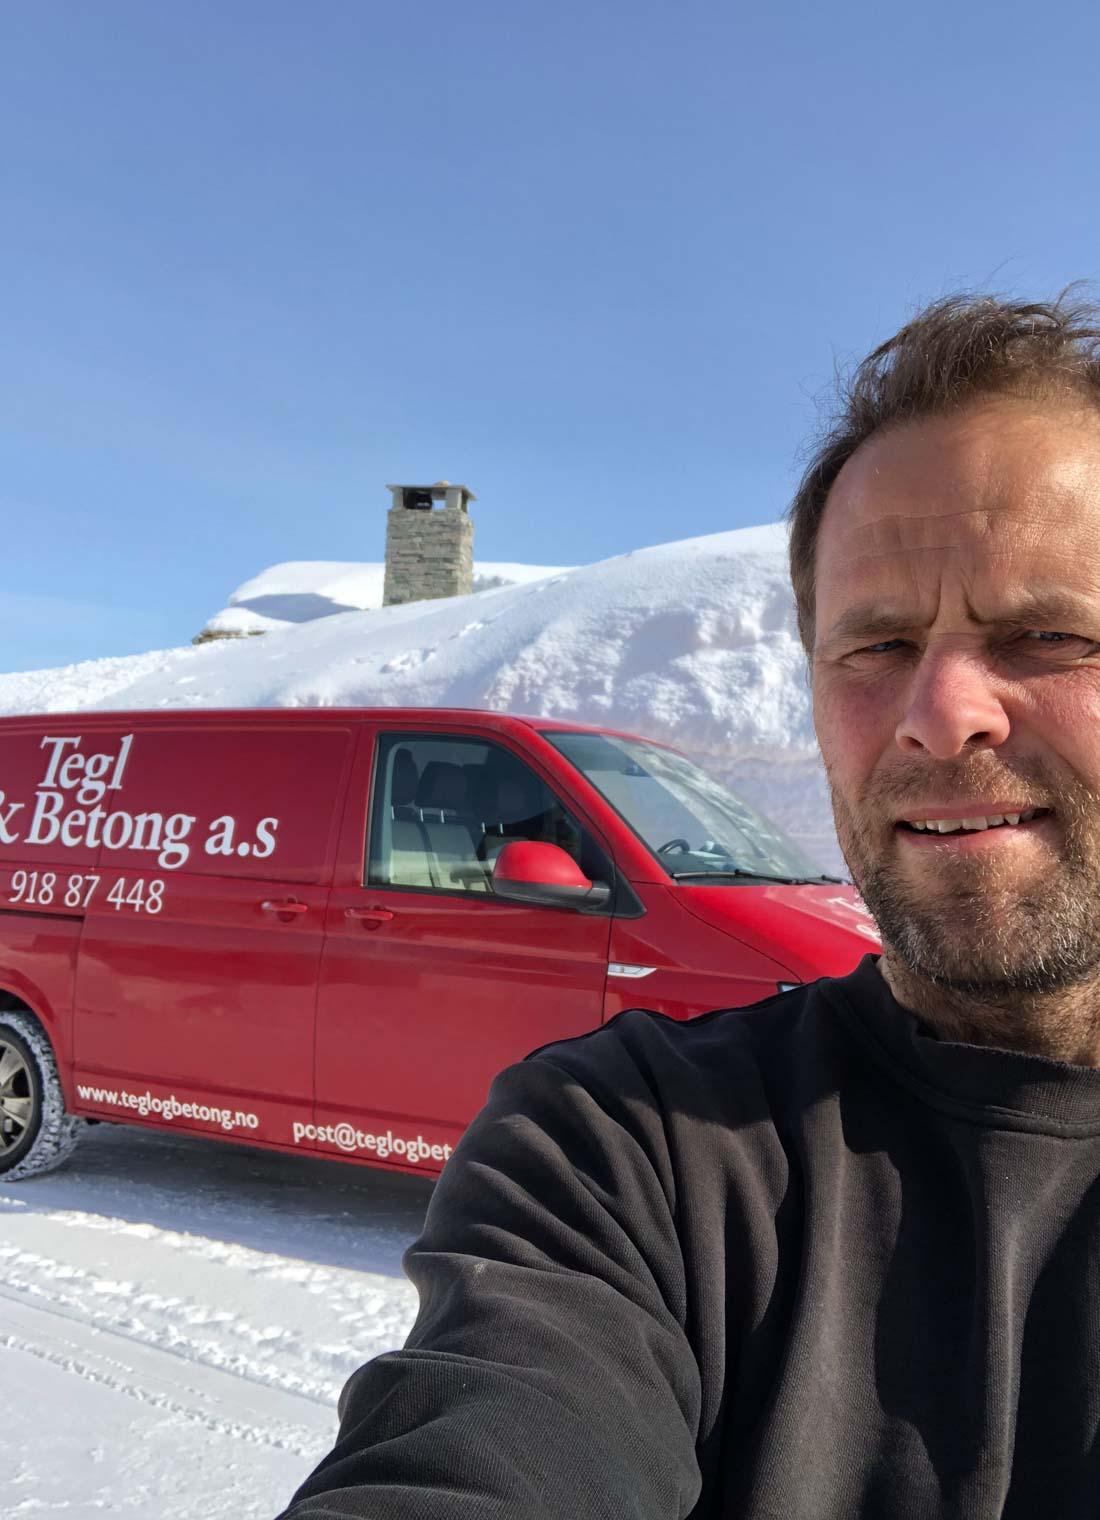 Et portrett av Cato Hetland som står foran sin arbeidsbil og høye brøytekanter